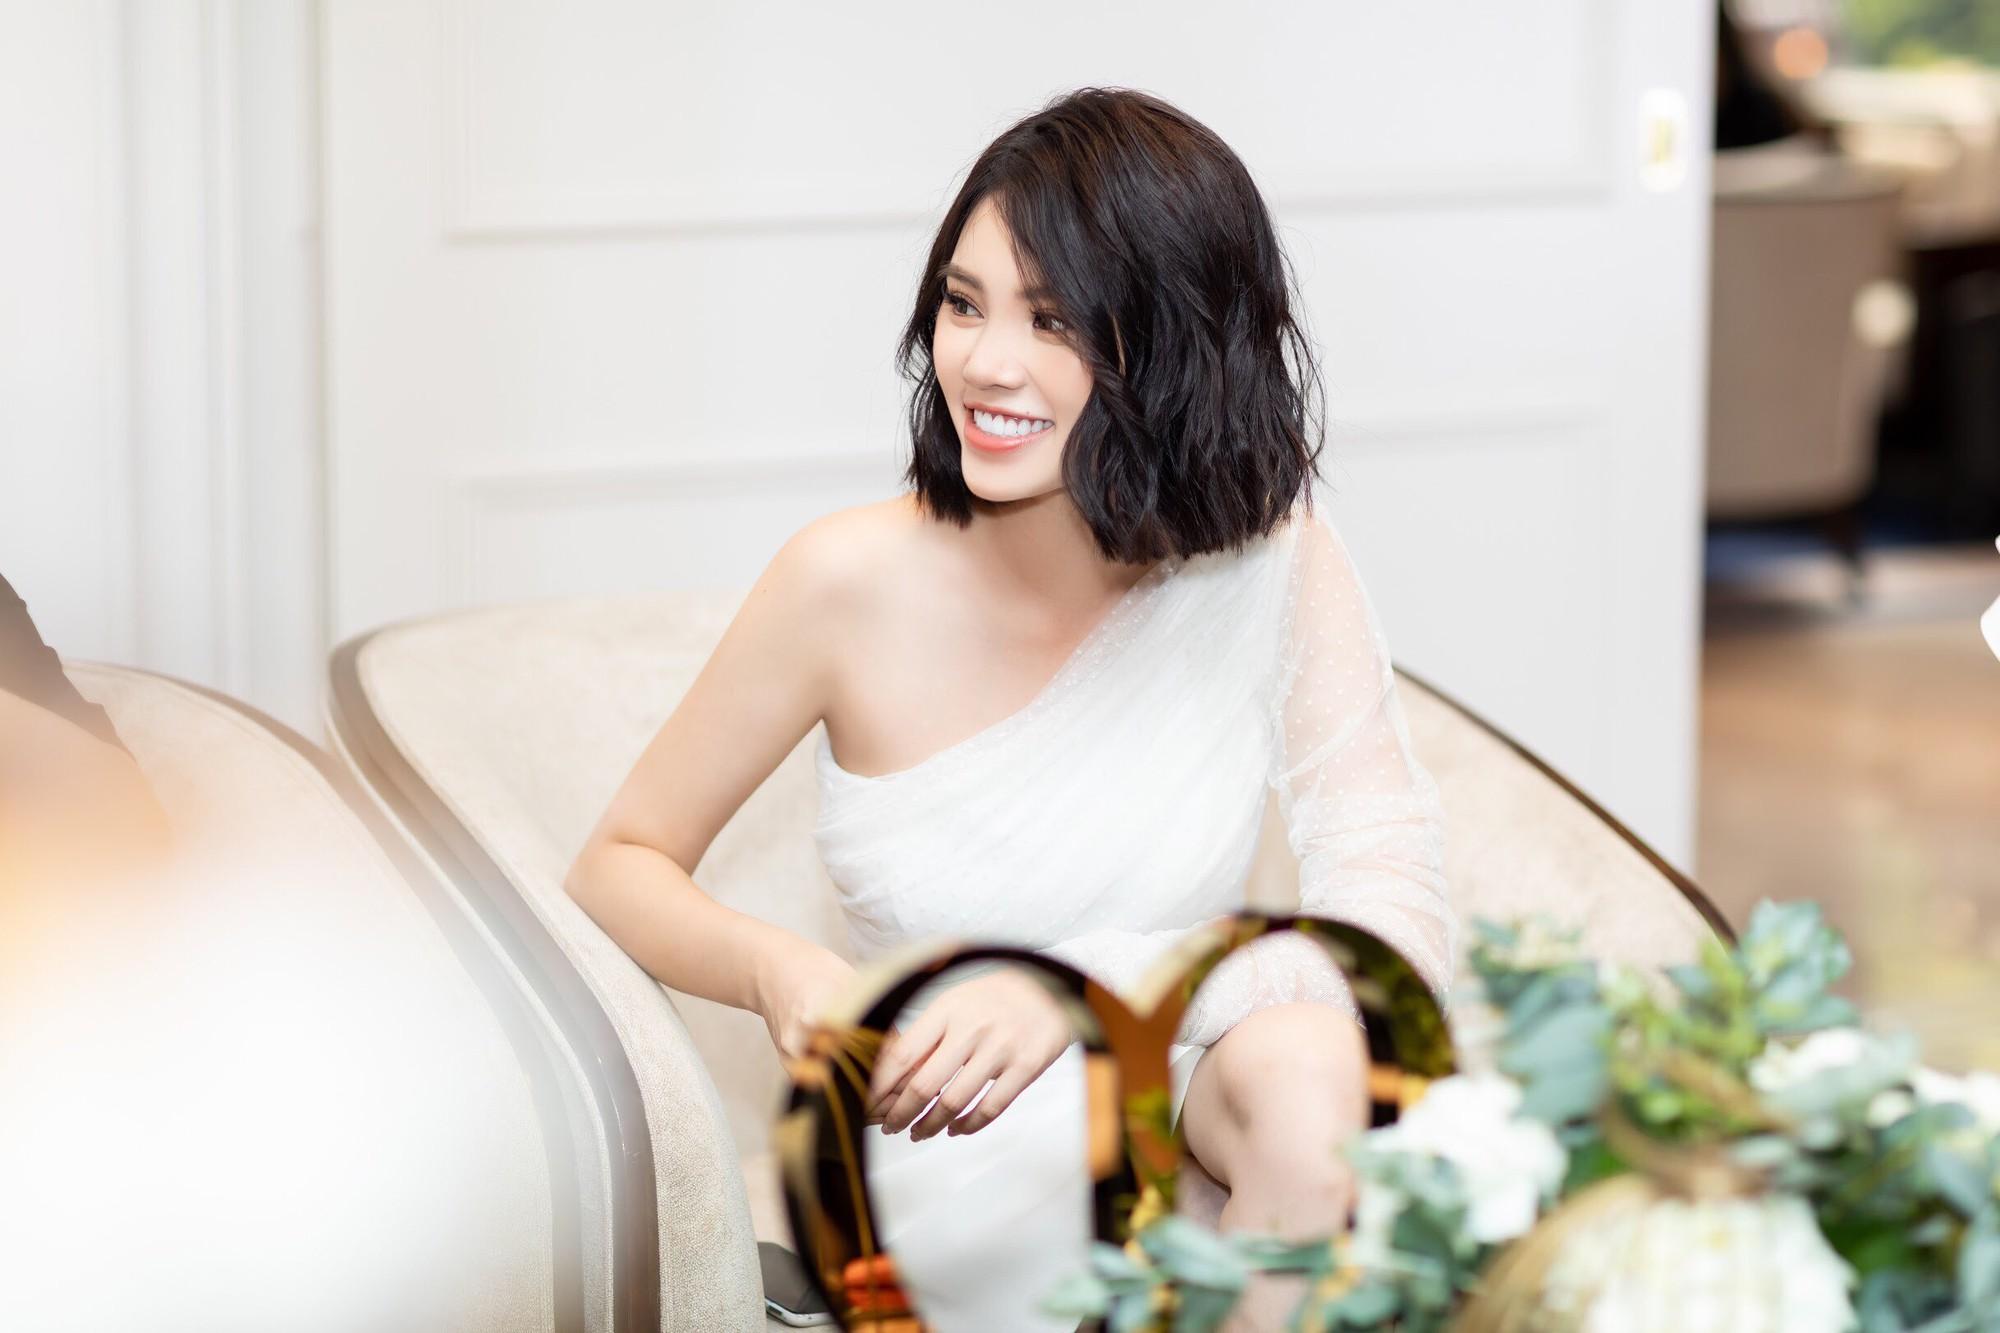 Thẳng tay cắt bỏ mái tóc dài để 20 năm, Hoa hậu Jolie Nguyễn vẫn gây thương nhớ với tóc ngắn cá tính - Ảnh 5.